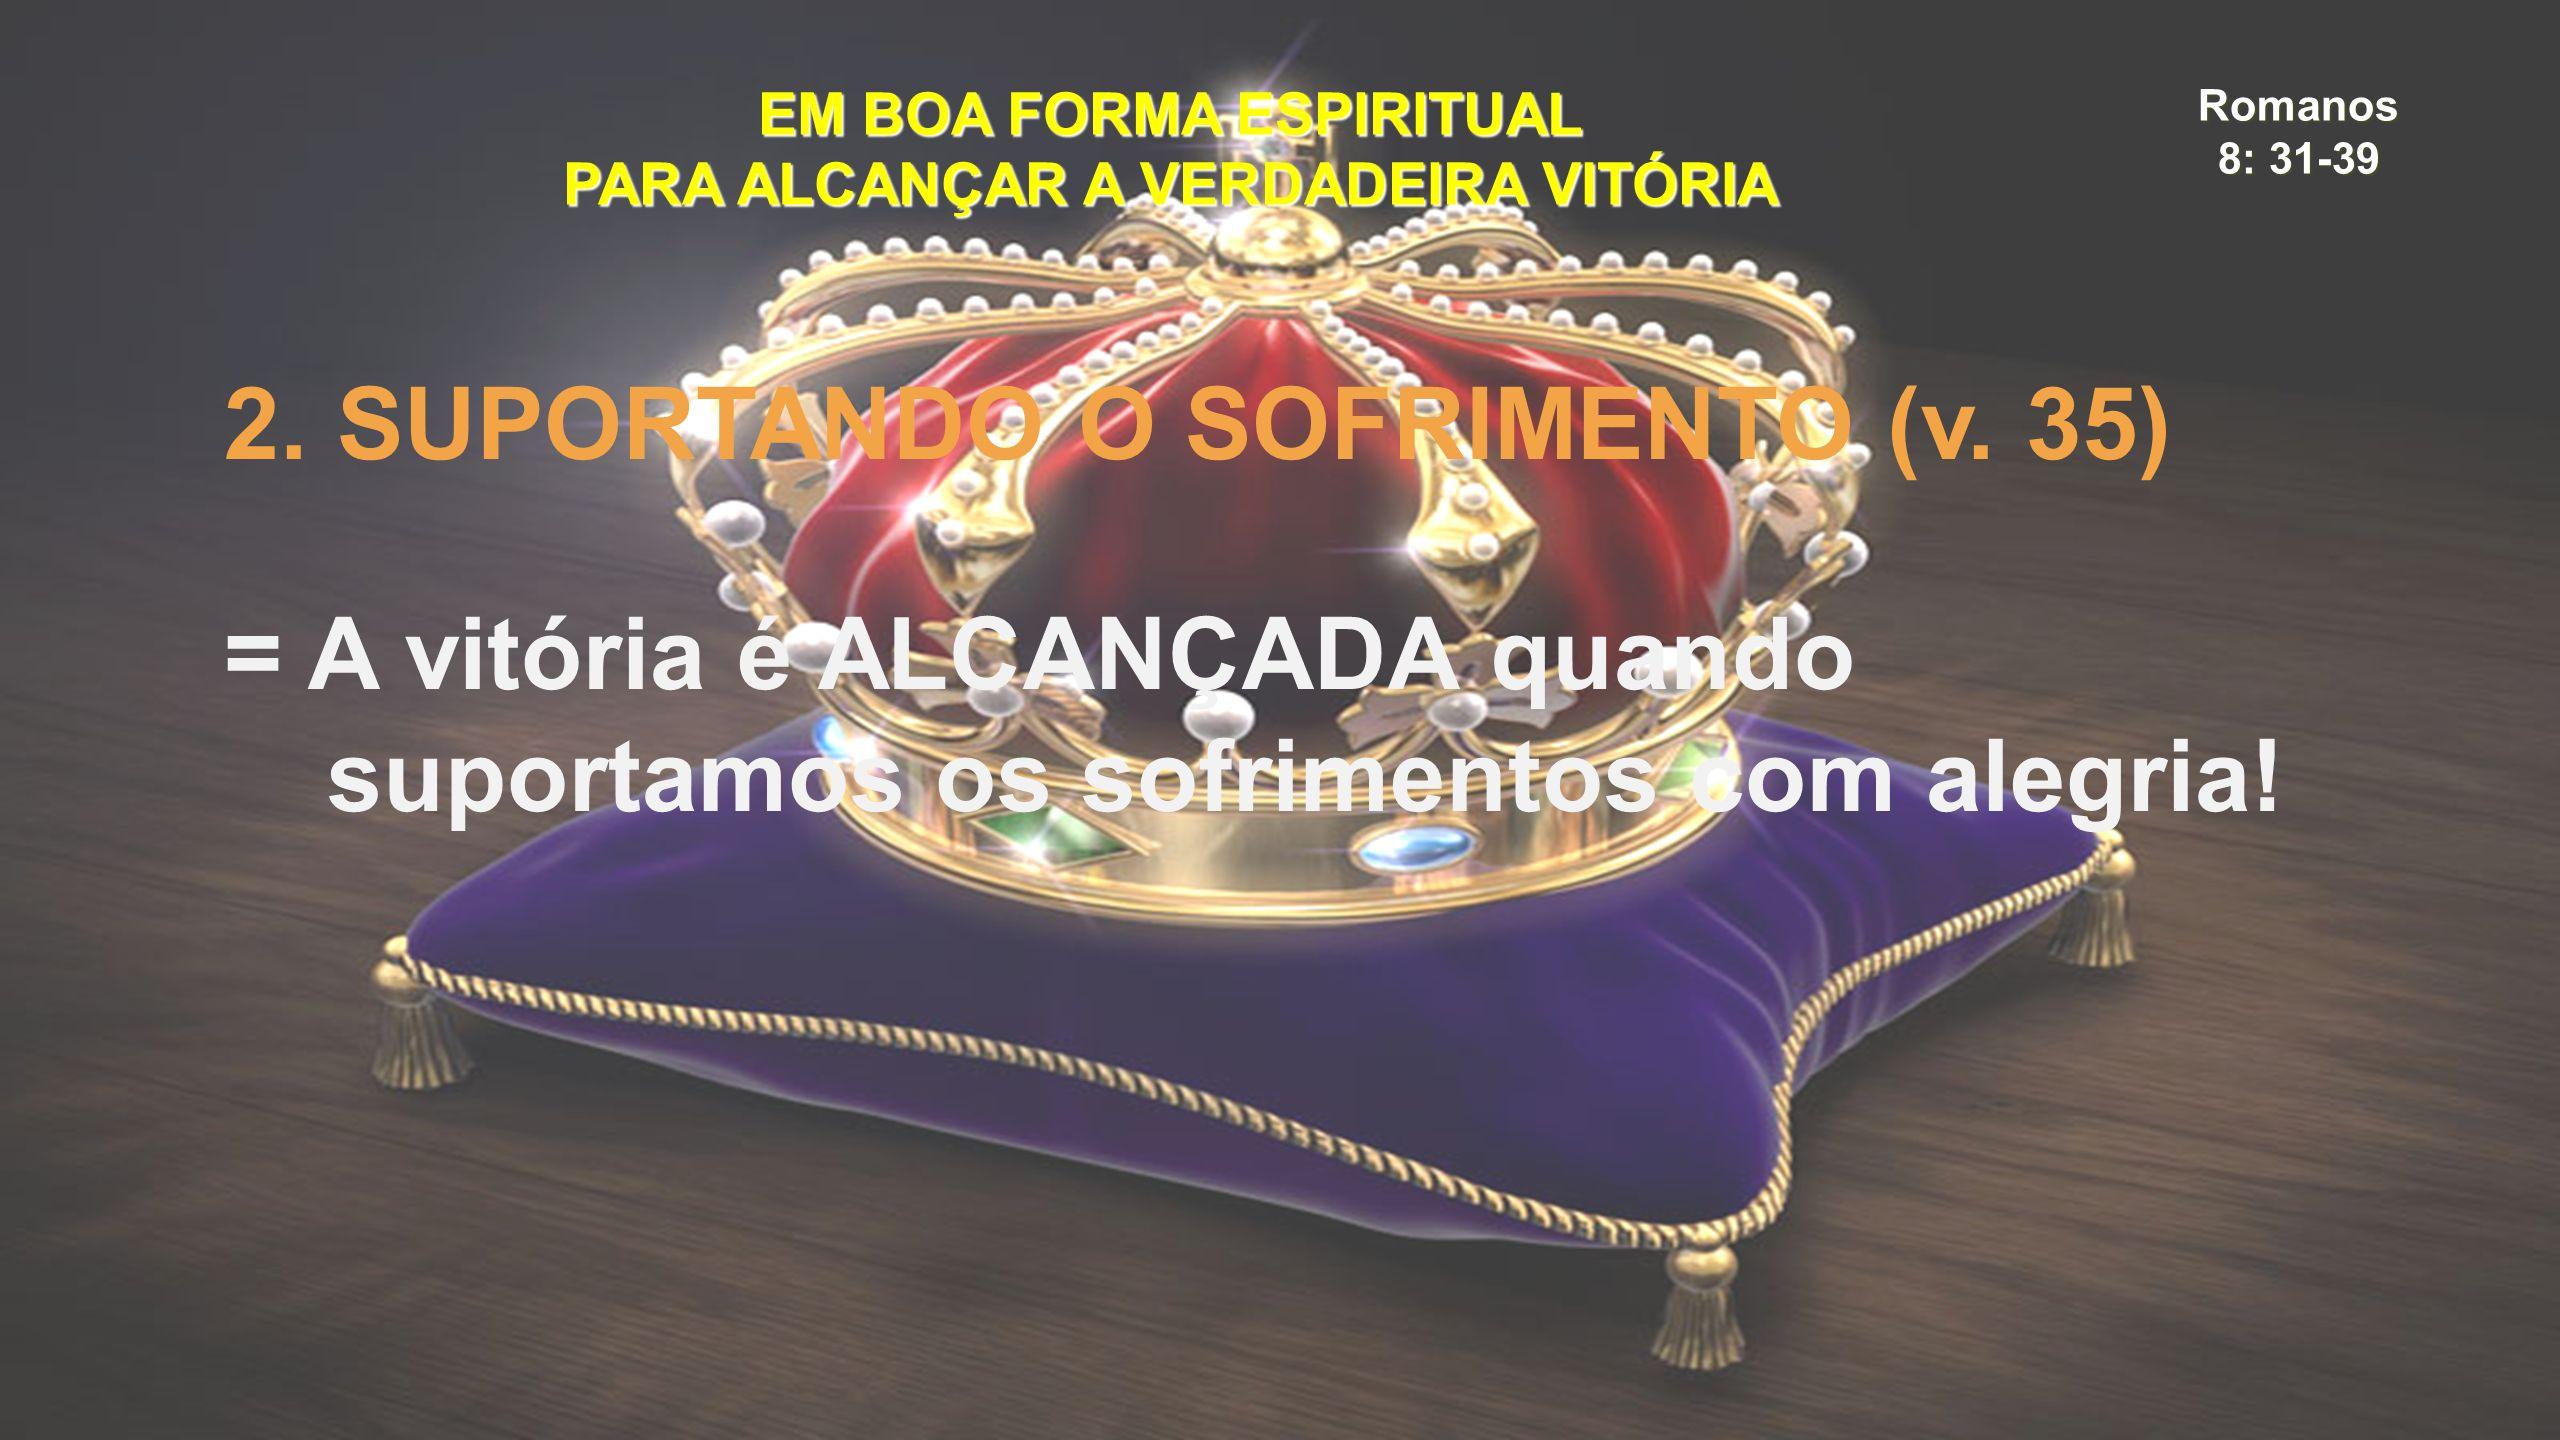 EM BOA FORMA ESPIRITUAL PARA ALCANÇAR A VERDADEIRA VITÓRIA